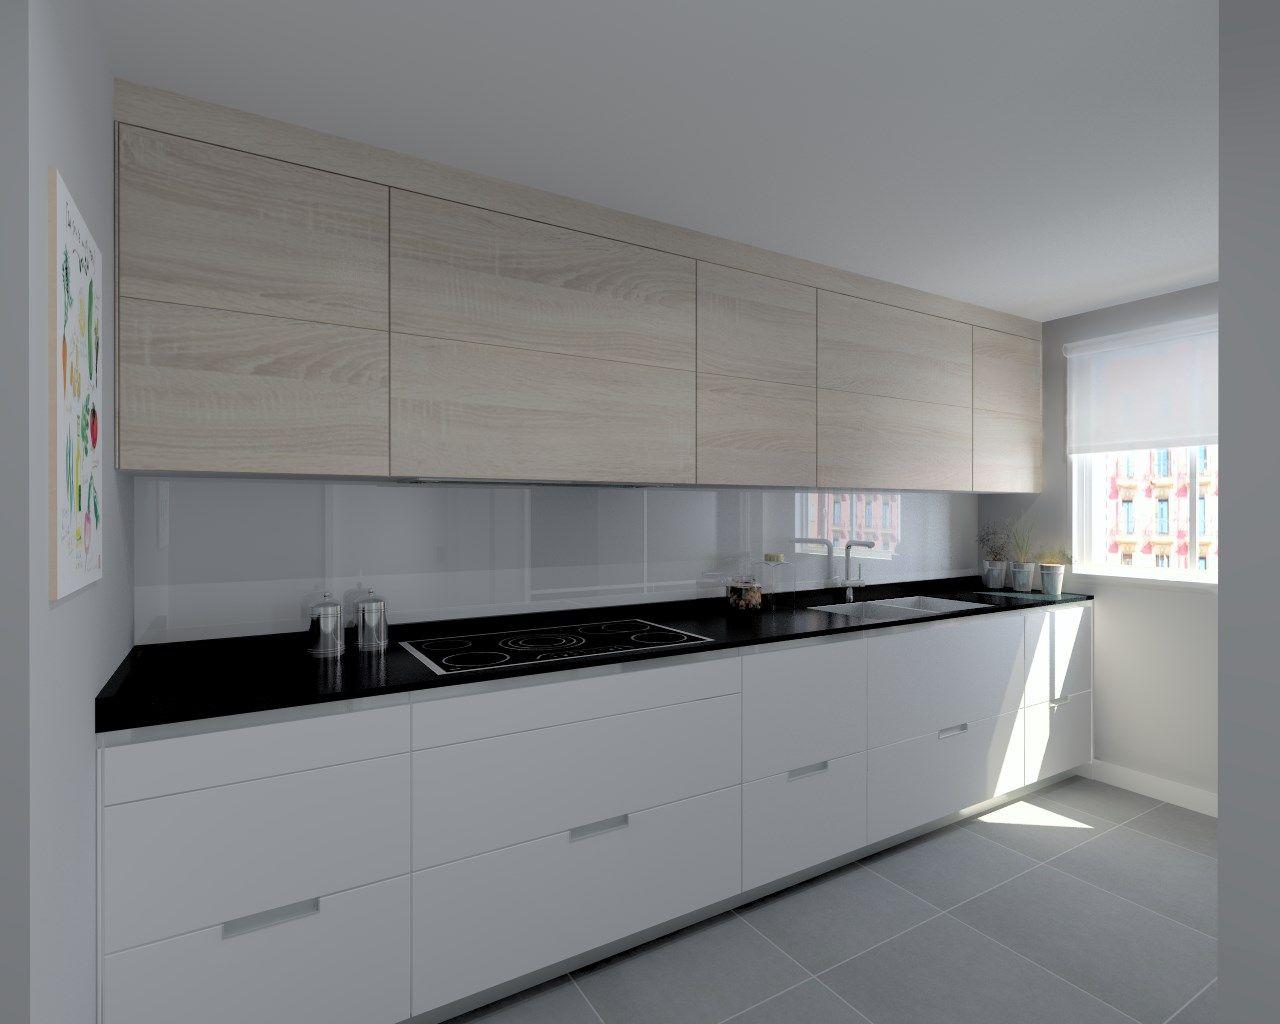 Cocina santos modelo minos laminado seda blanco y for Encimera cocina granito